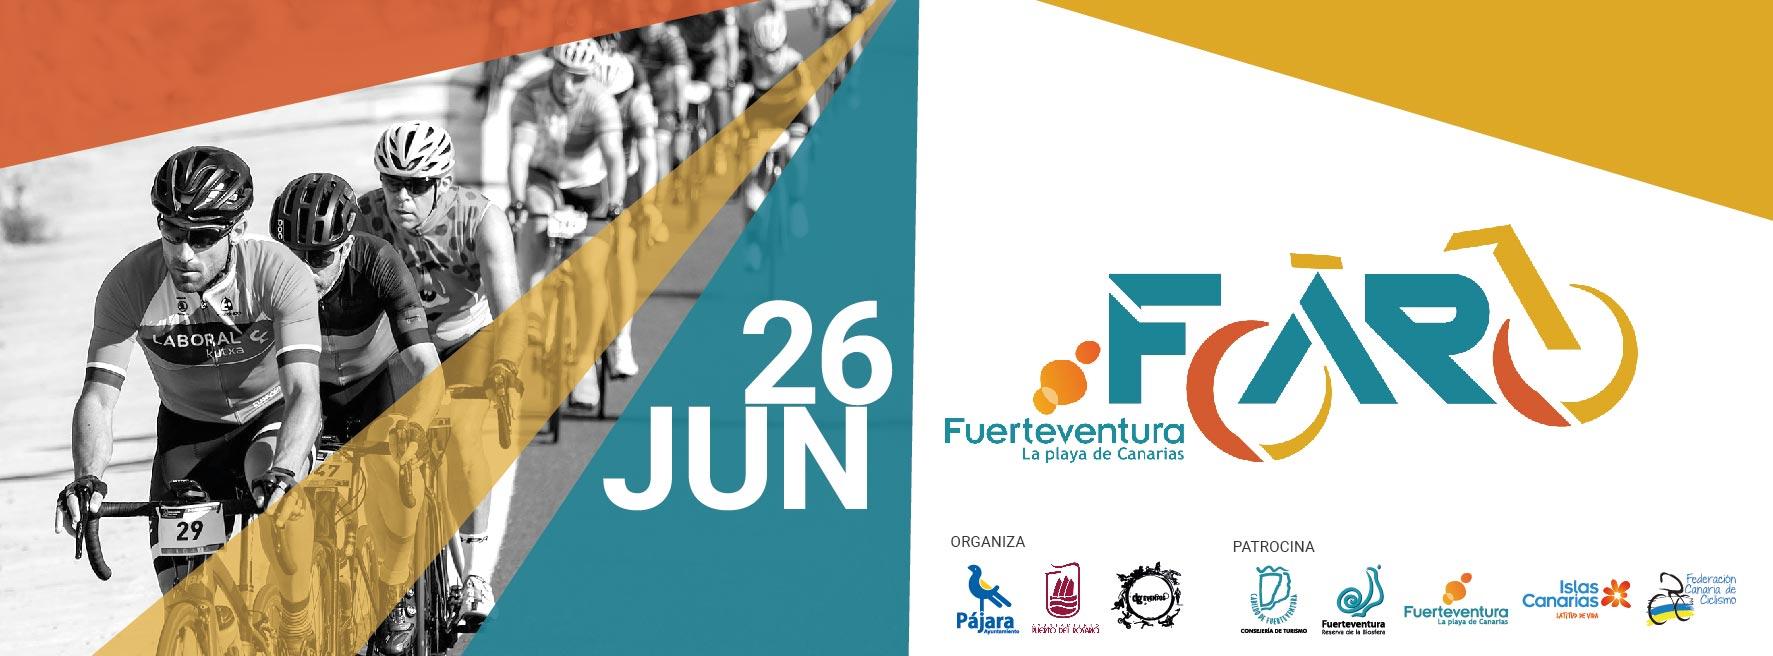 La Ciclodeportiva Faro de Fuerteventura, el 26 de junio de 2021